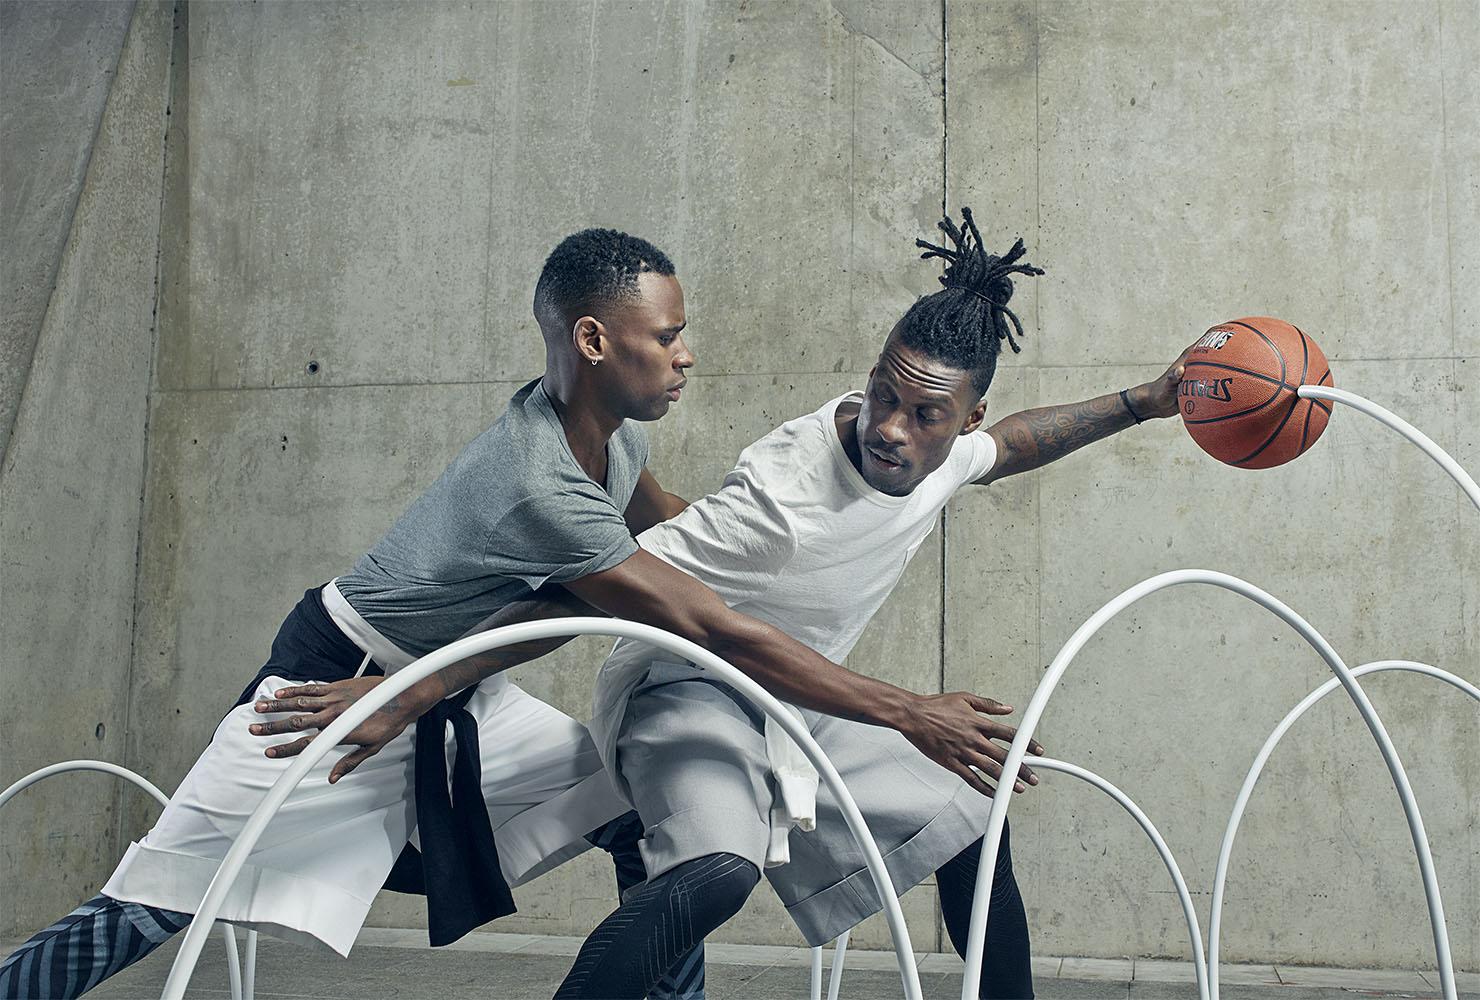 sport-BKRW-basket8